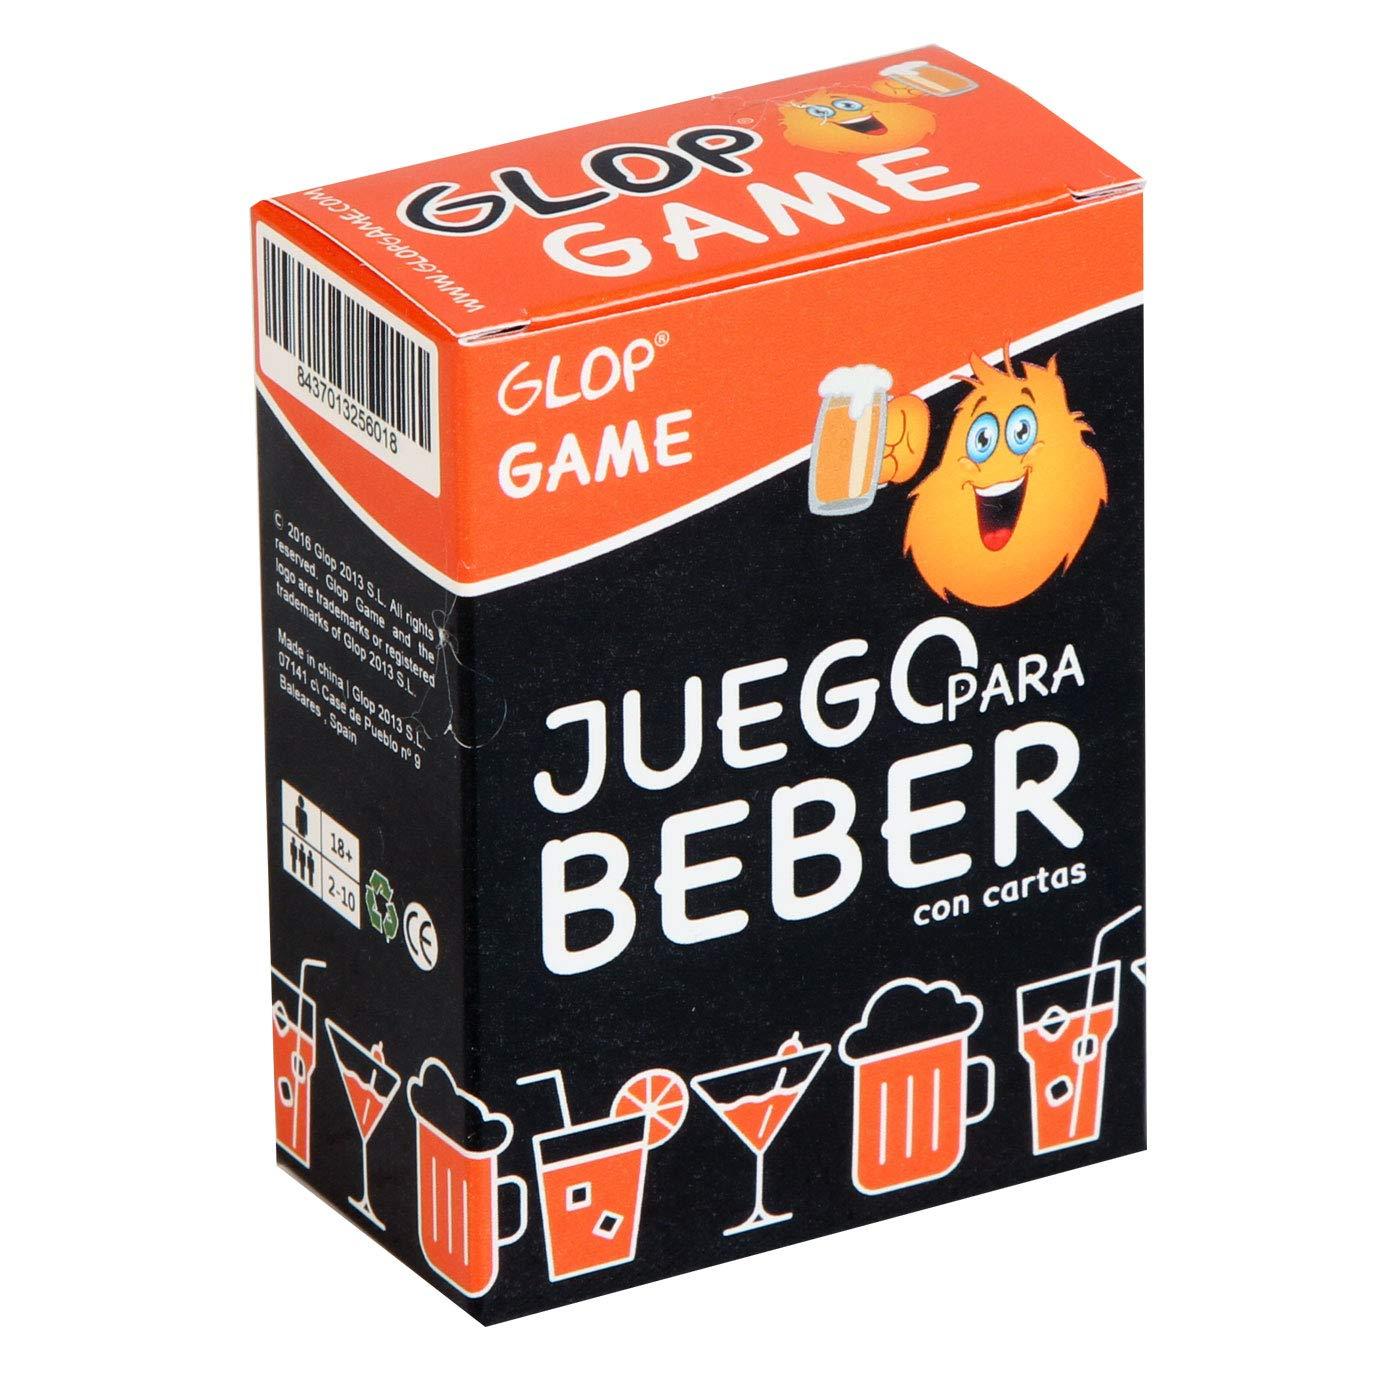 Glop Game – Juego para beber – Juego de cartas para Fiestas – Juegos de Mesa – 100 cartas